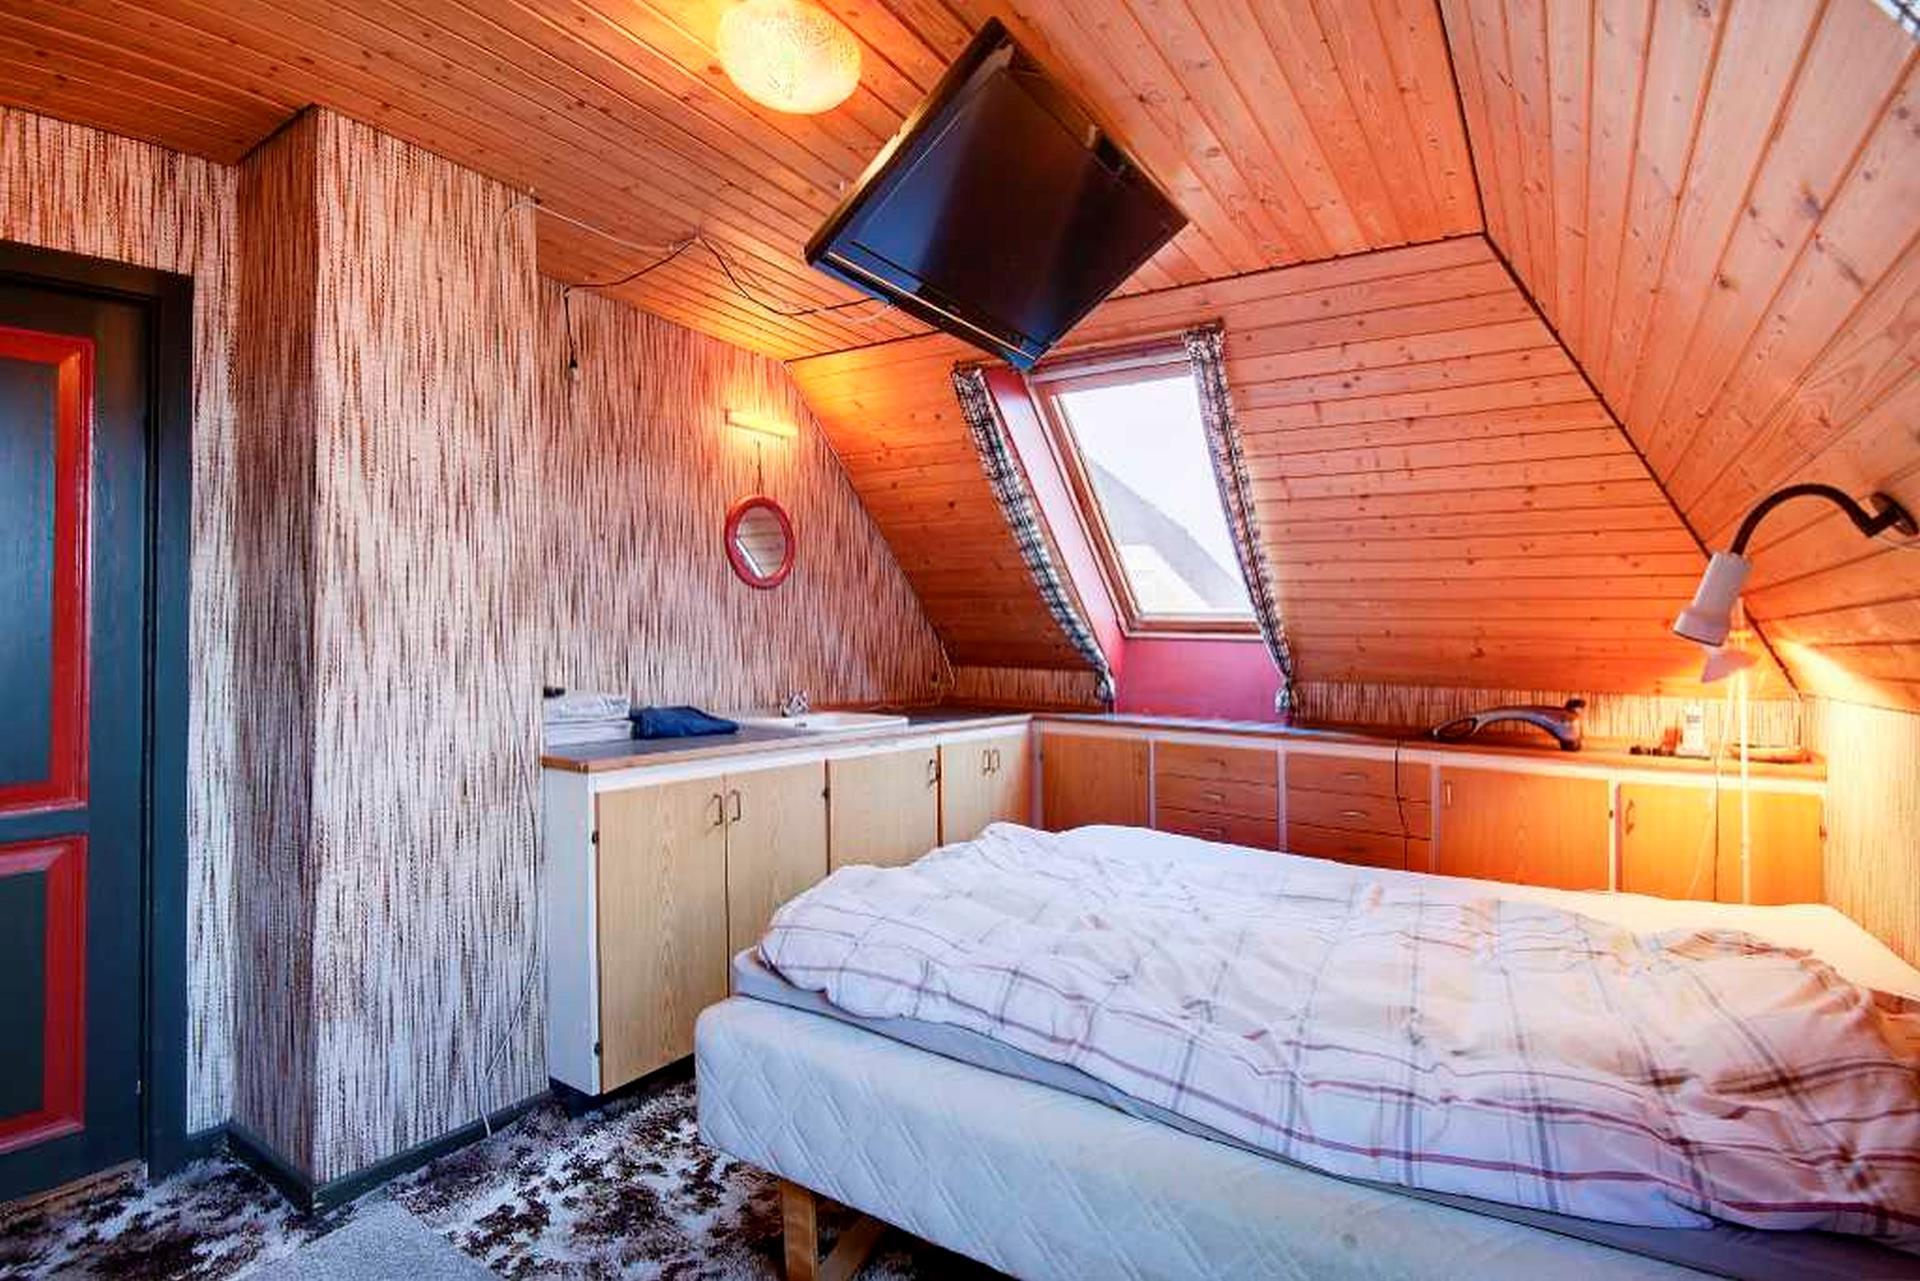 Bolig/erhverv på Sct. Clemens Vej i Skagen - Soveværelse